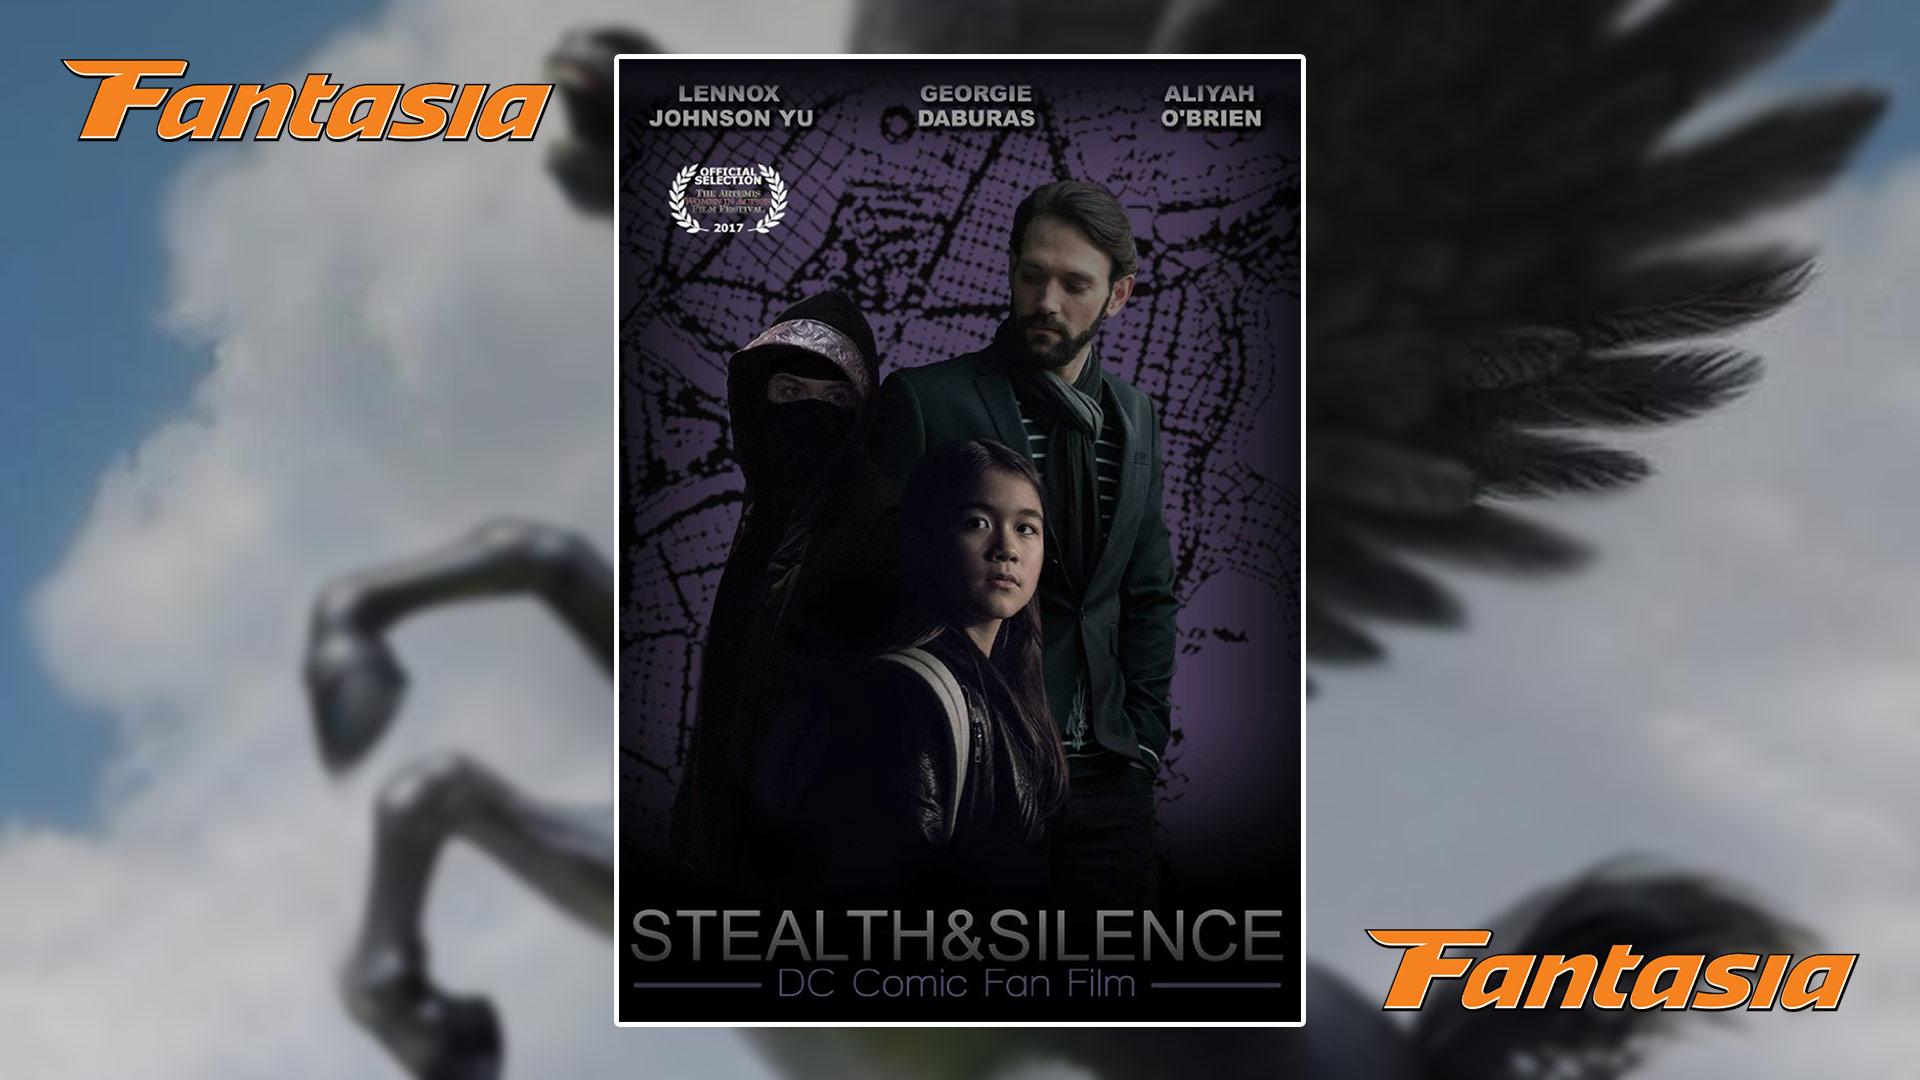 Stealth&Silence